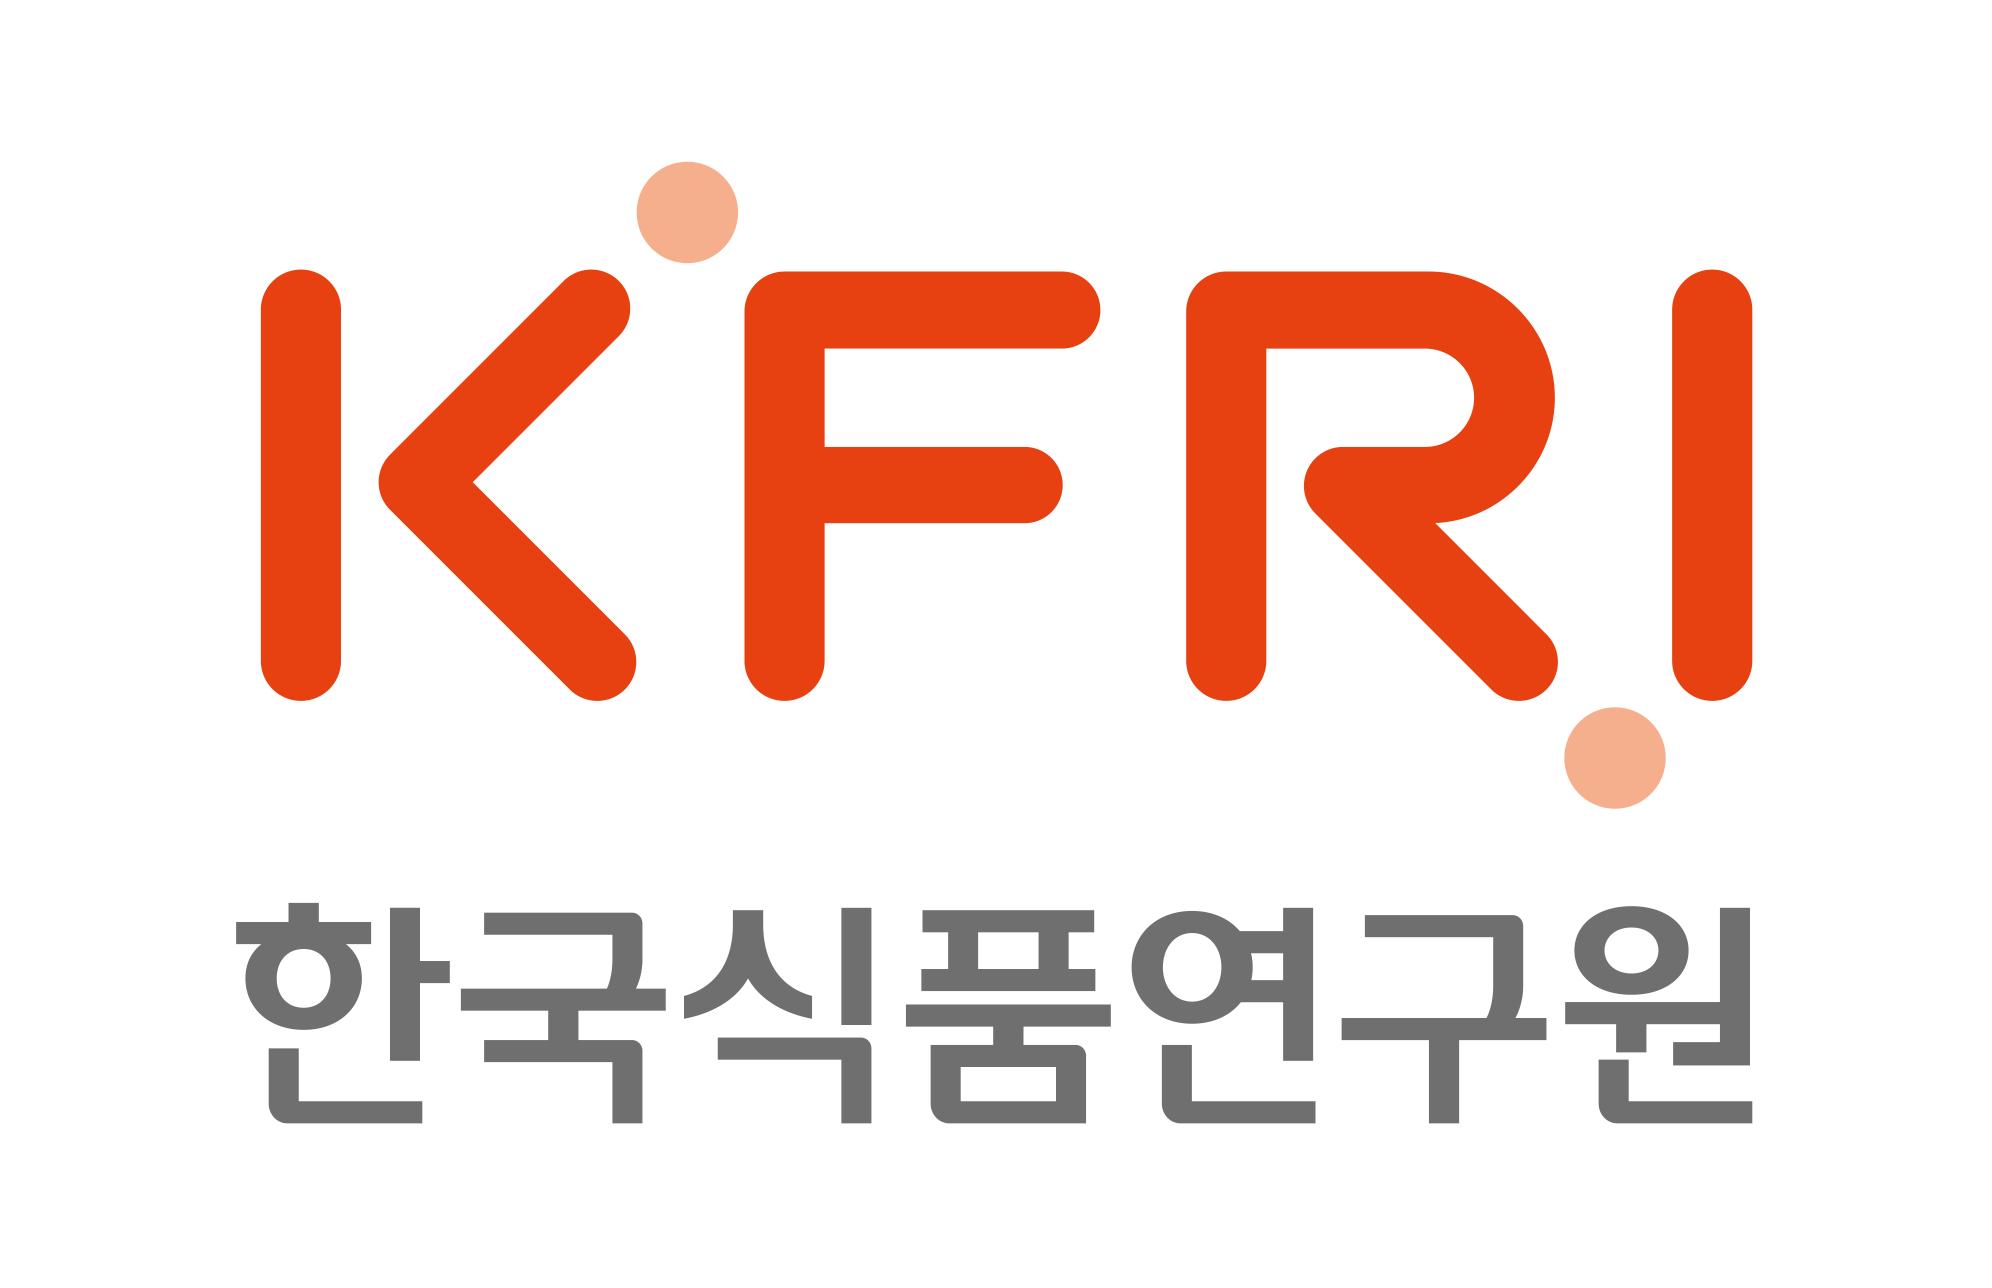 한국식품연구원의 기업로고